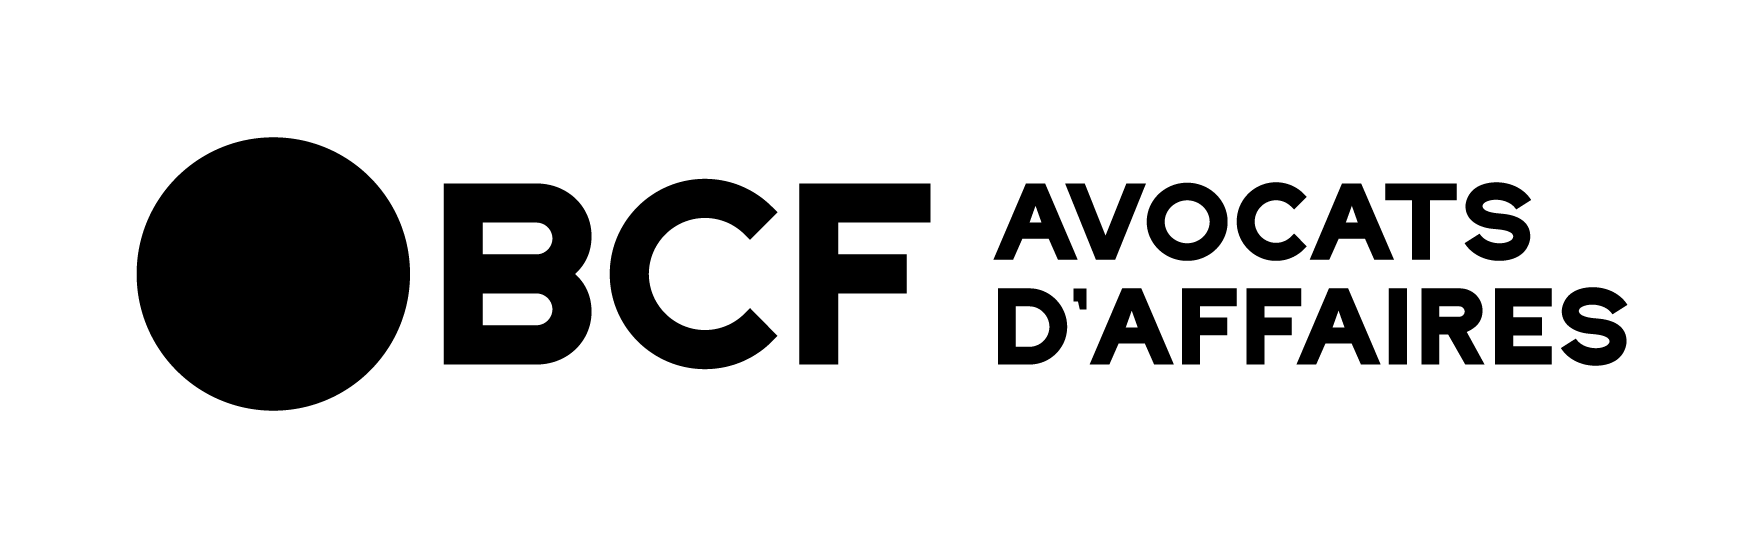 BCF Avocats d'Affaires